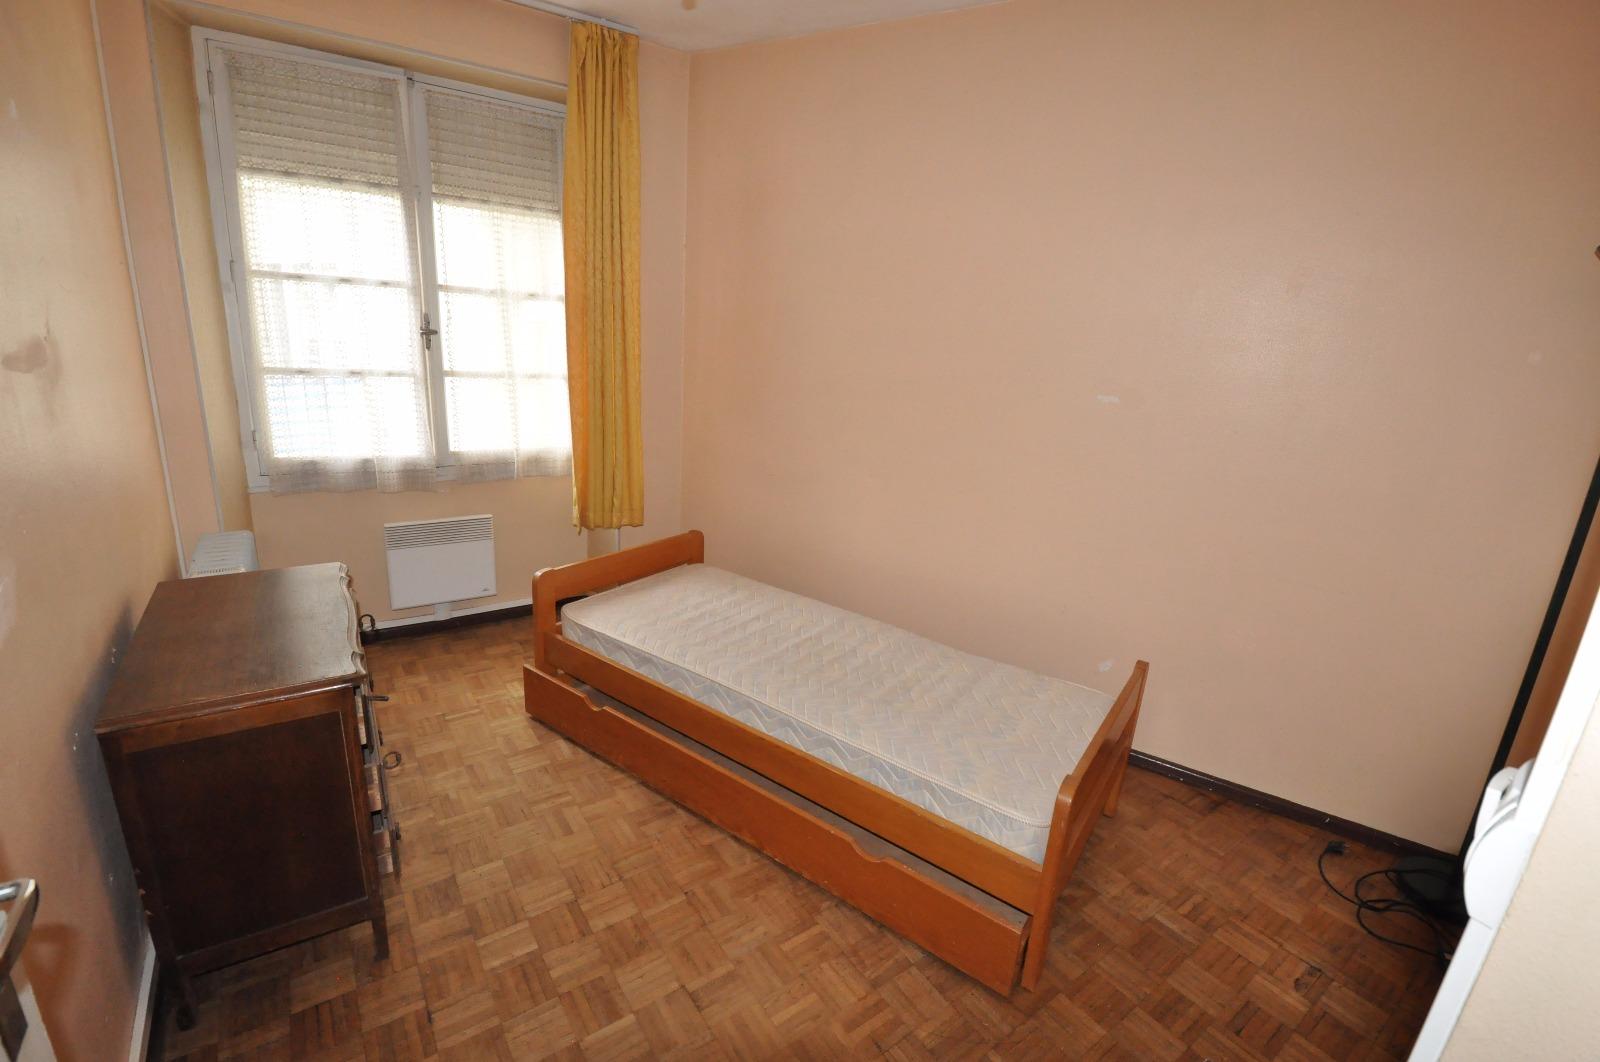 pau saint cricq a vendre t2 rafra chir avec balcon et cave. Black Bedroom Furniture Sets. Home Design Ideas